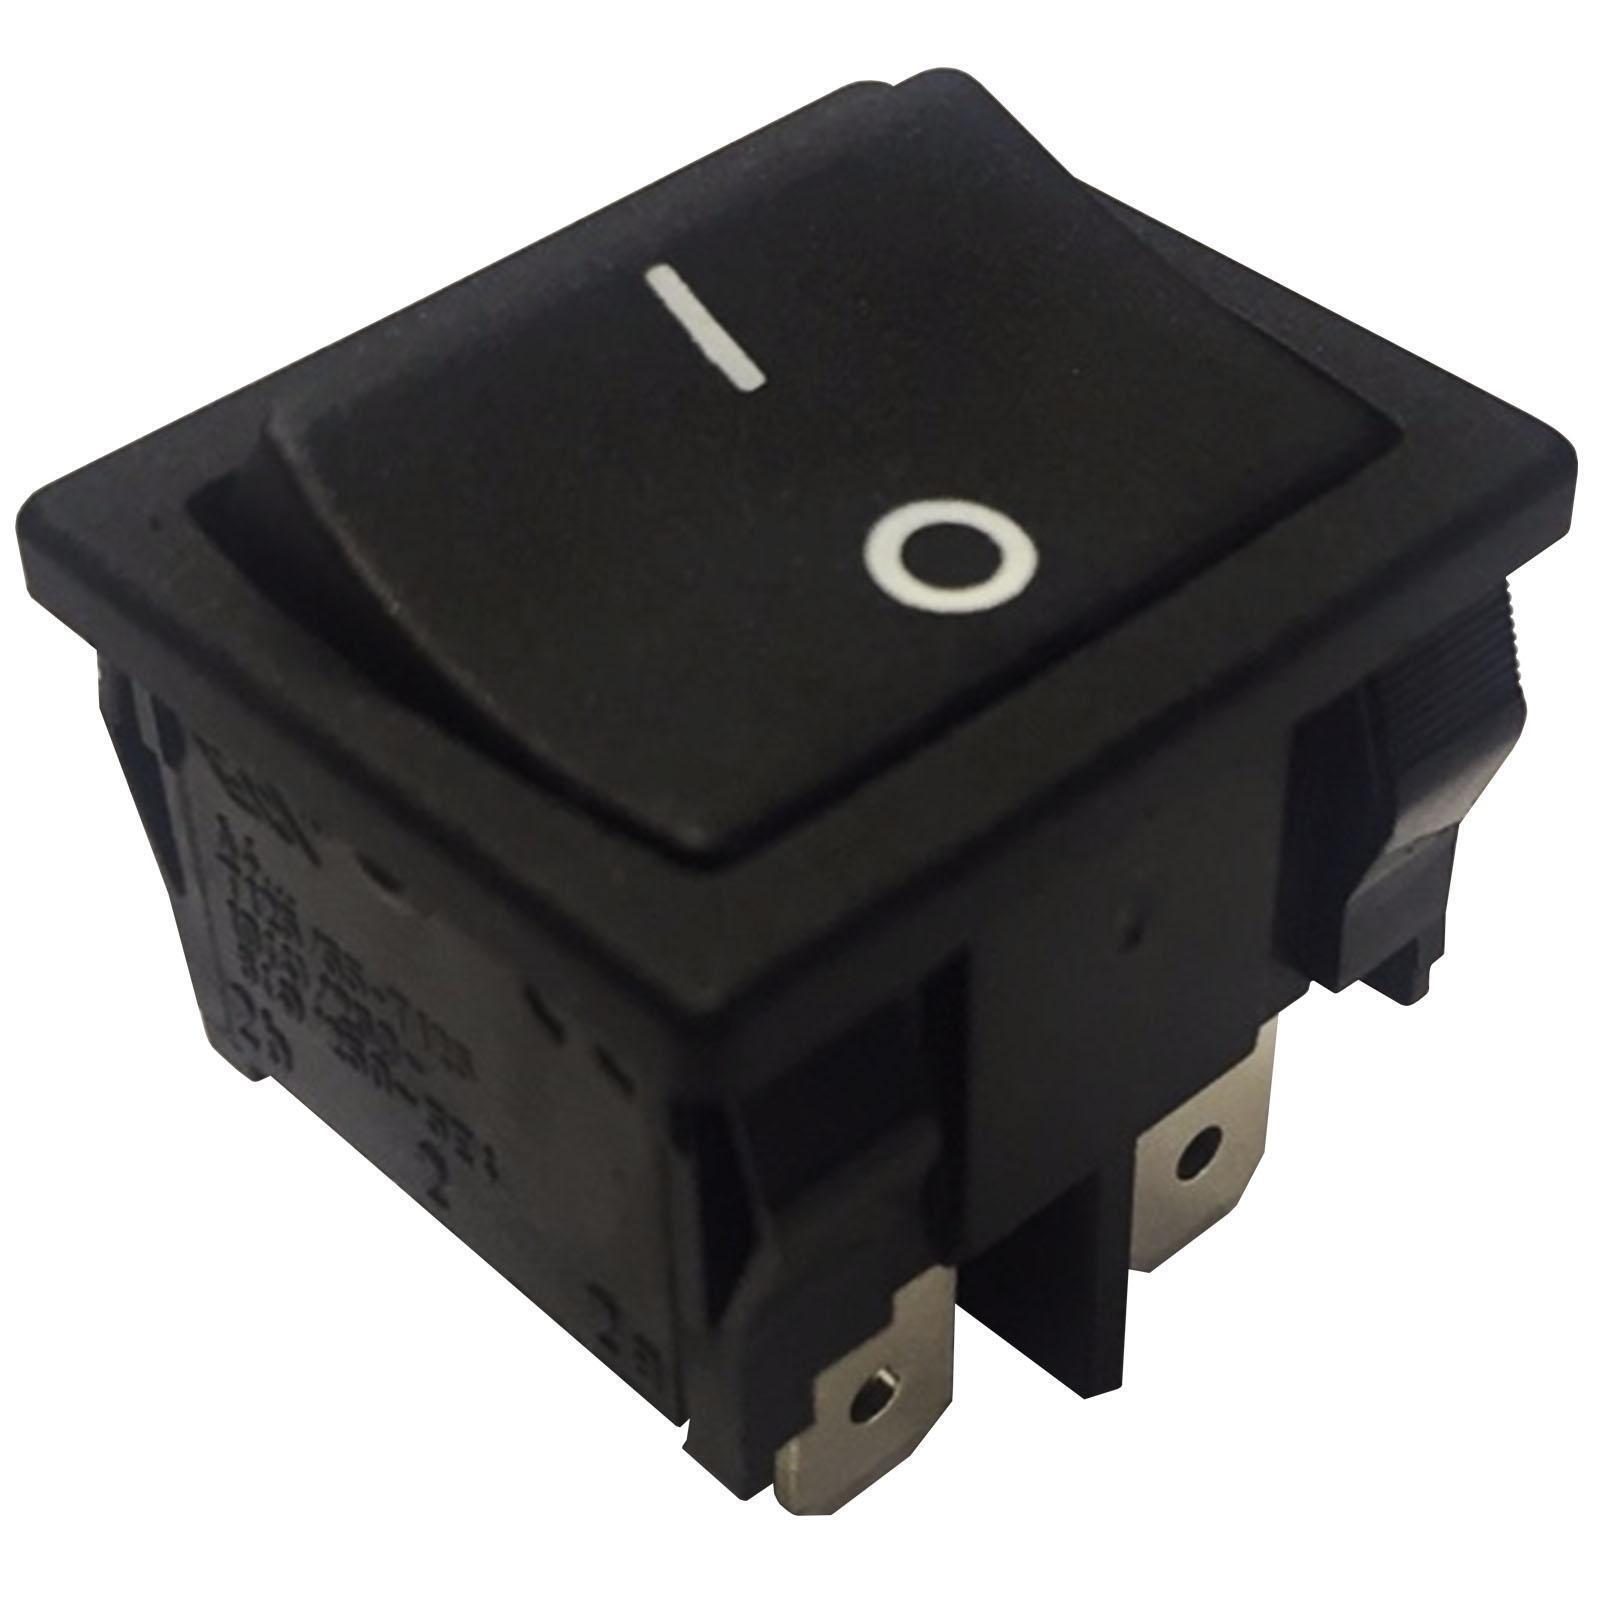 Small Latching Rocker Switch 22x19mm DPST 10A 250VAC